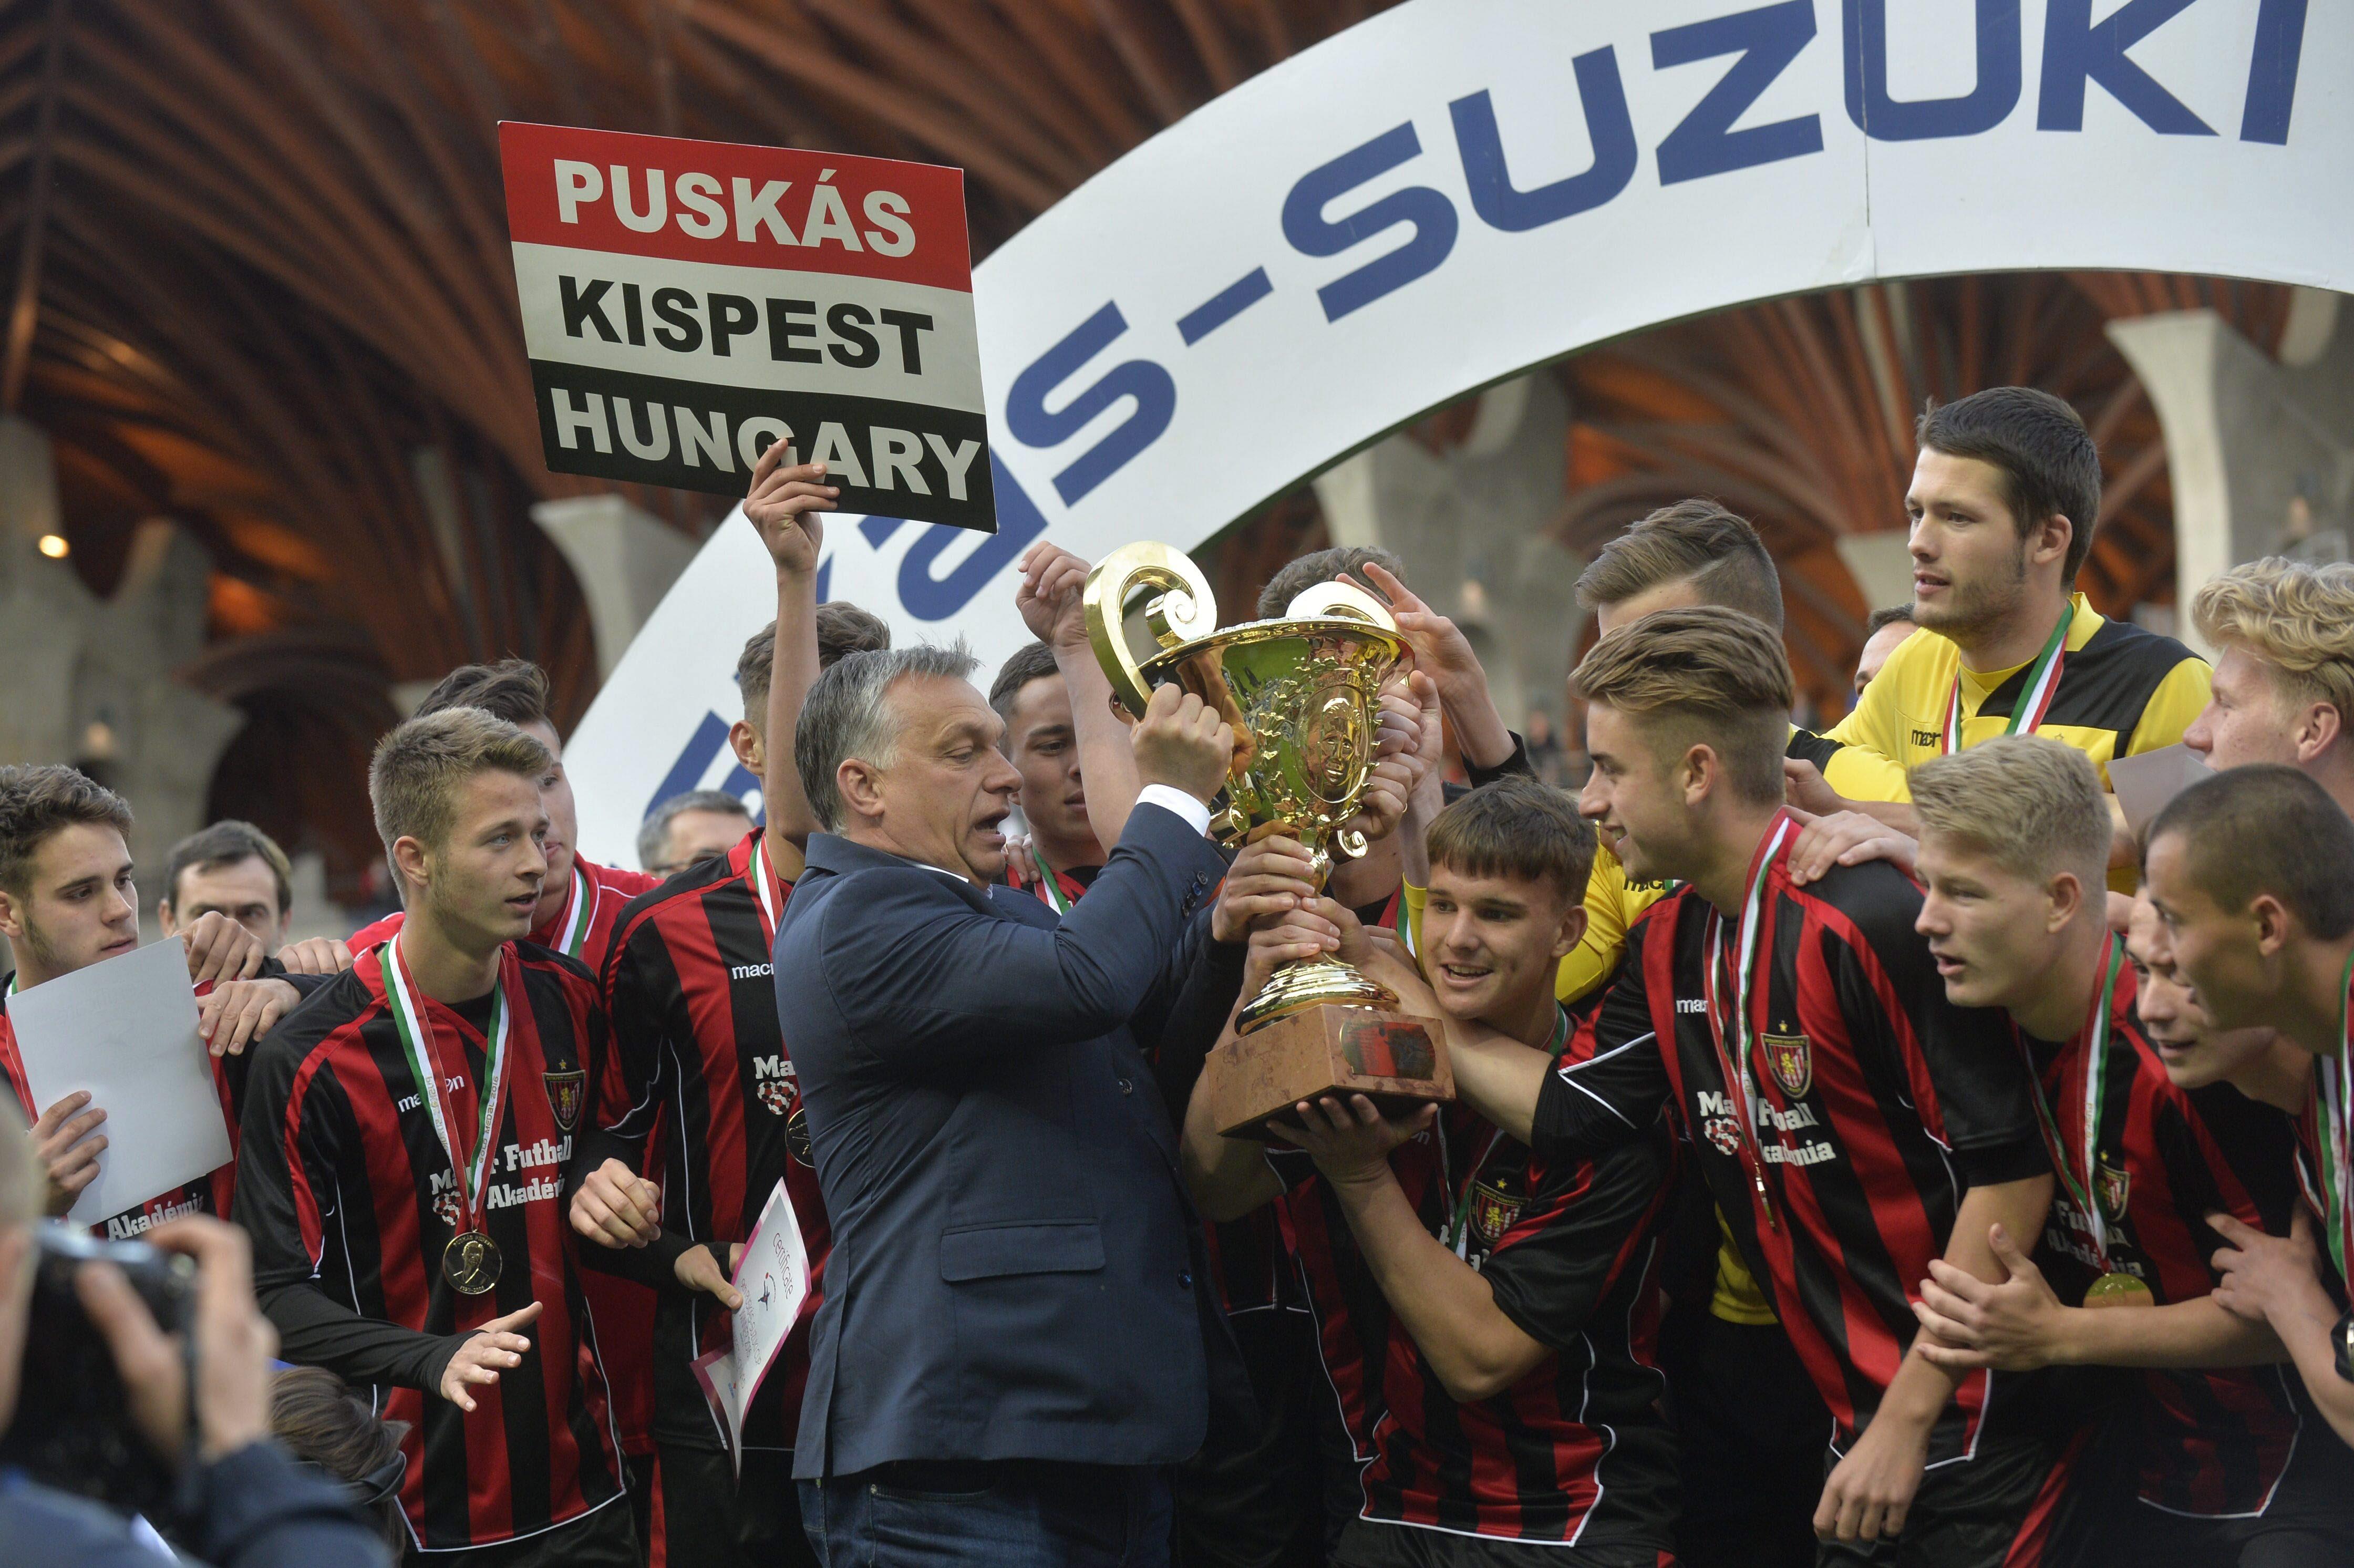 2023-ban Magyarország rendezi az U17-es foci-Eb-t